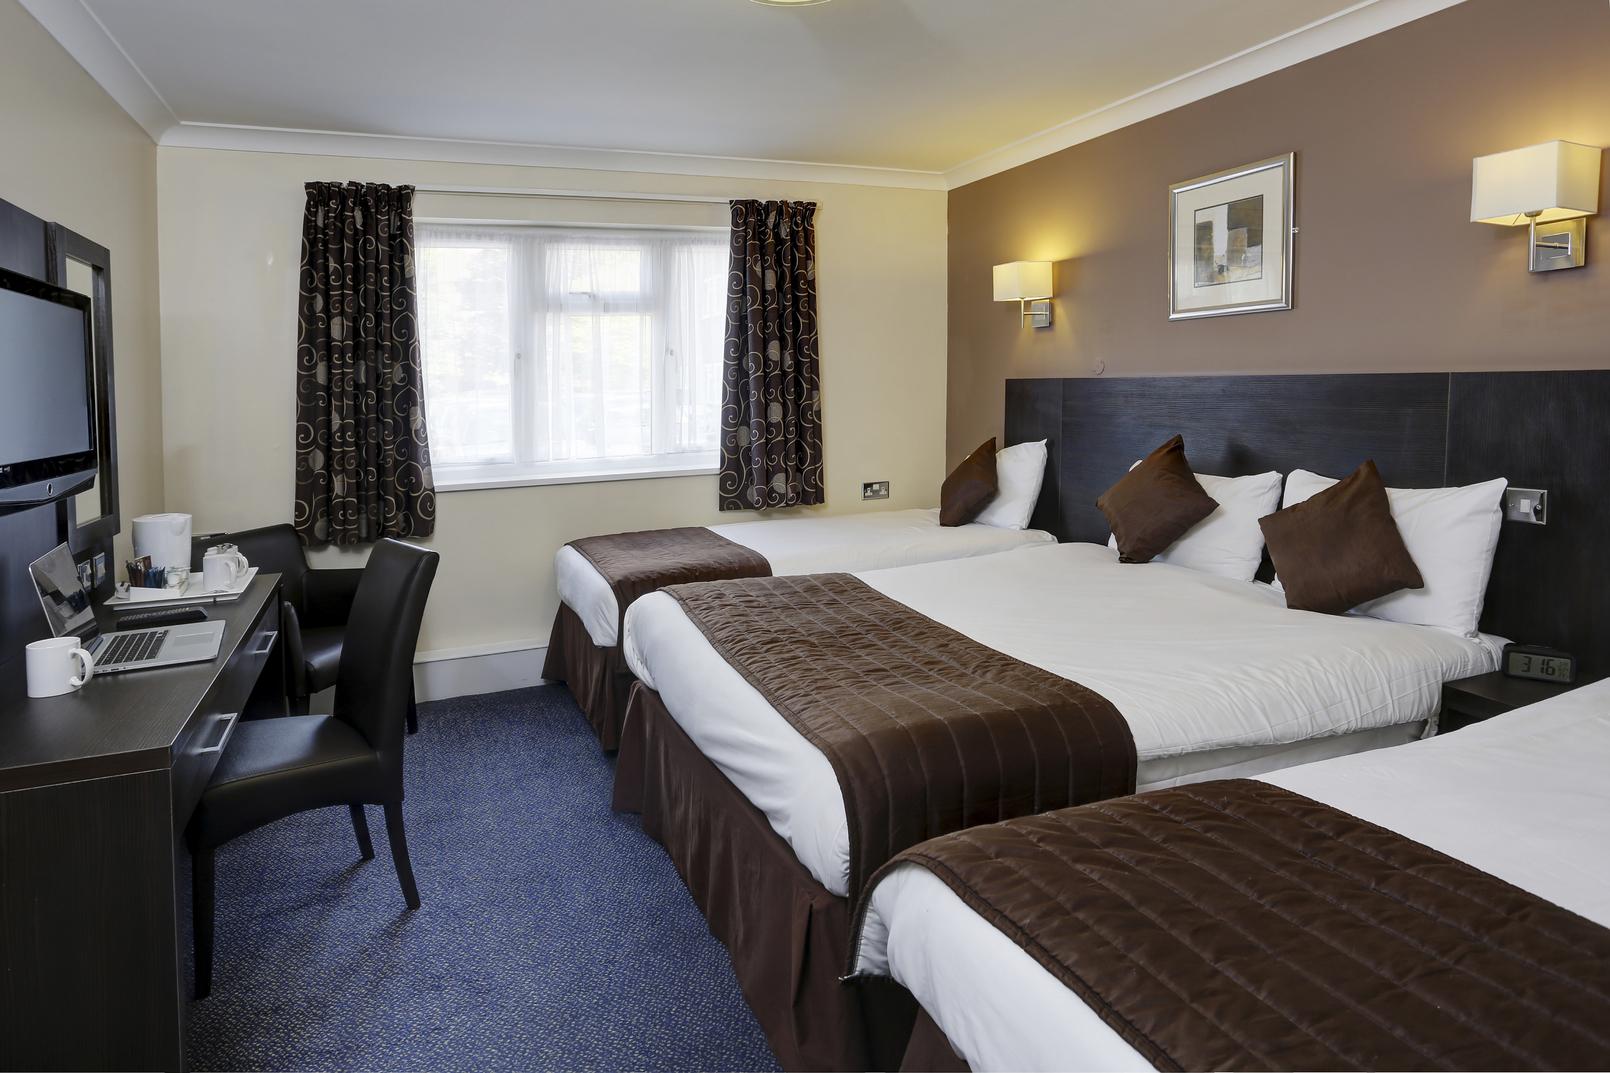 Best Western Hotel Gatwick